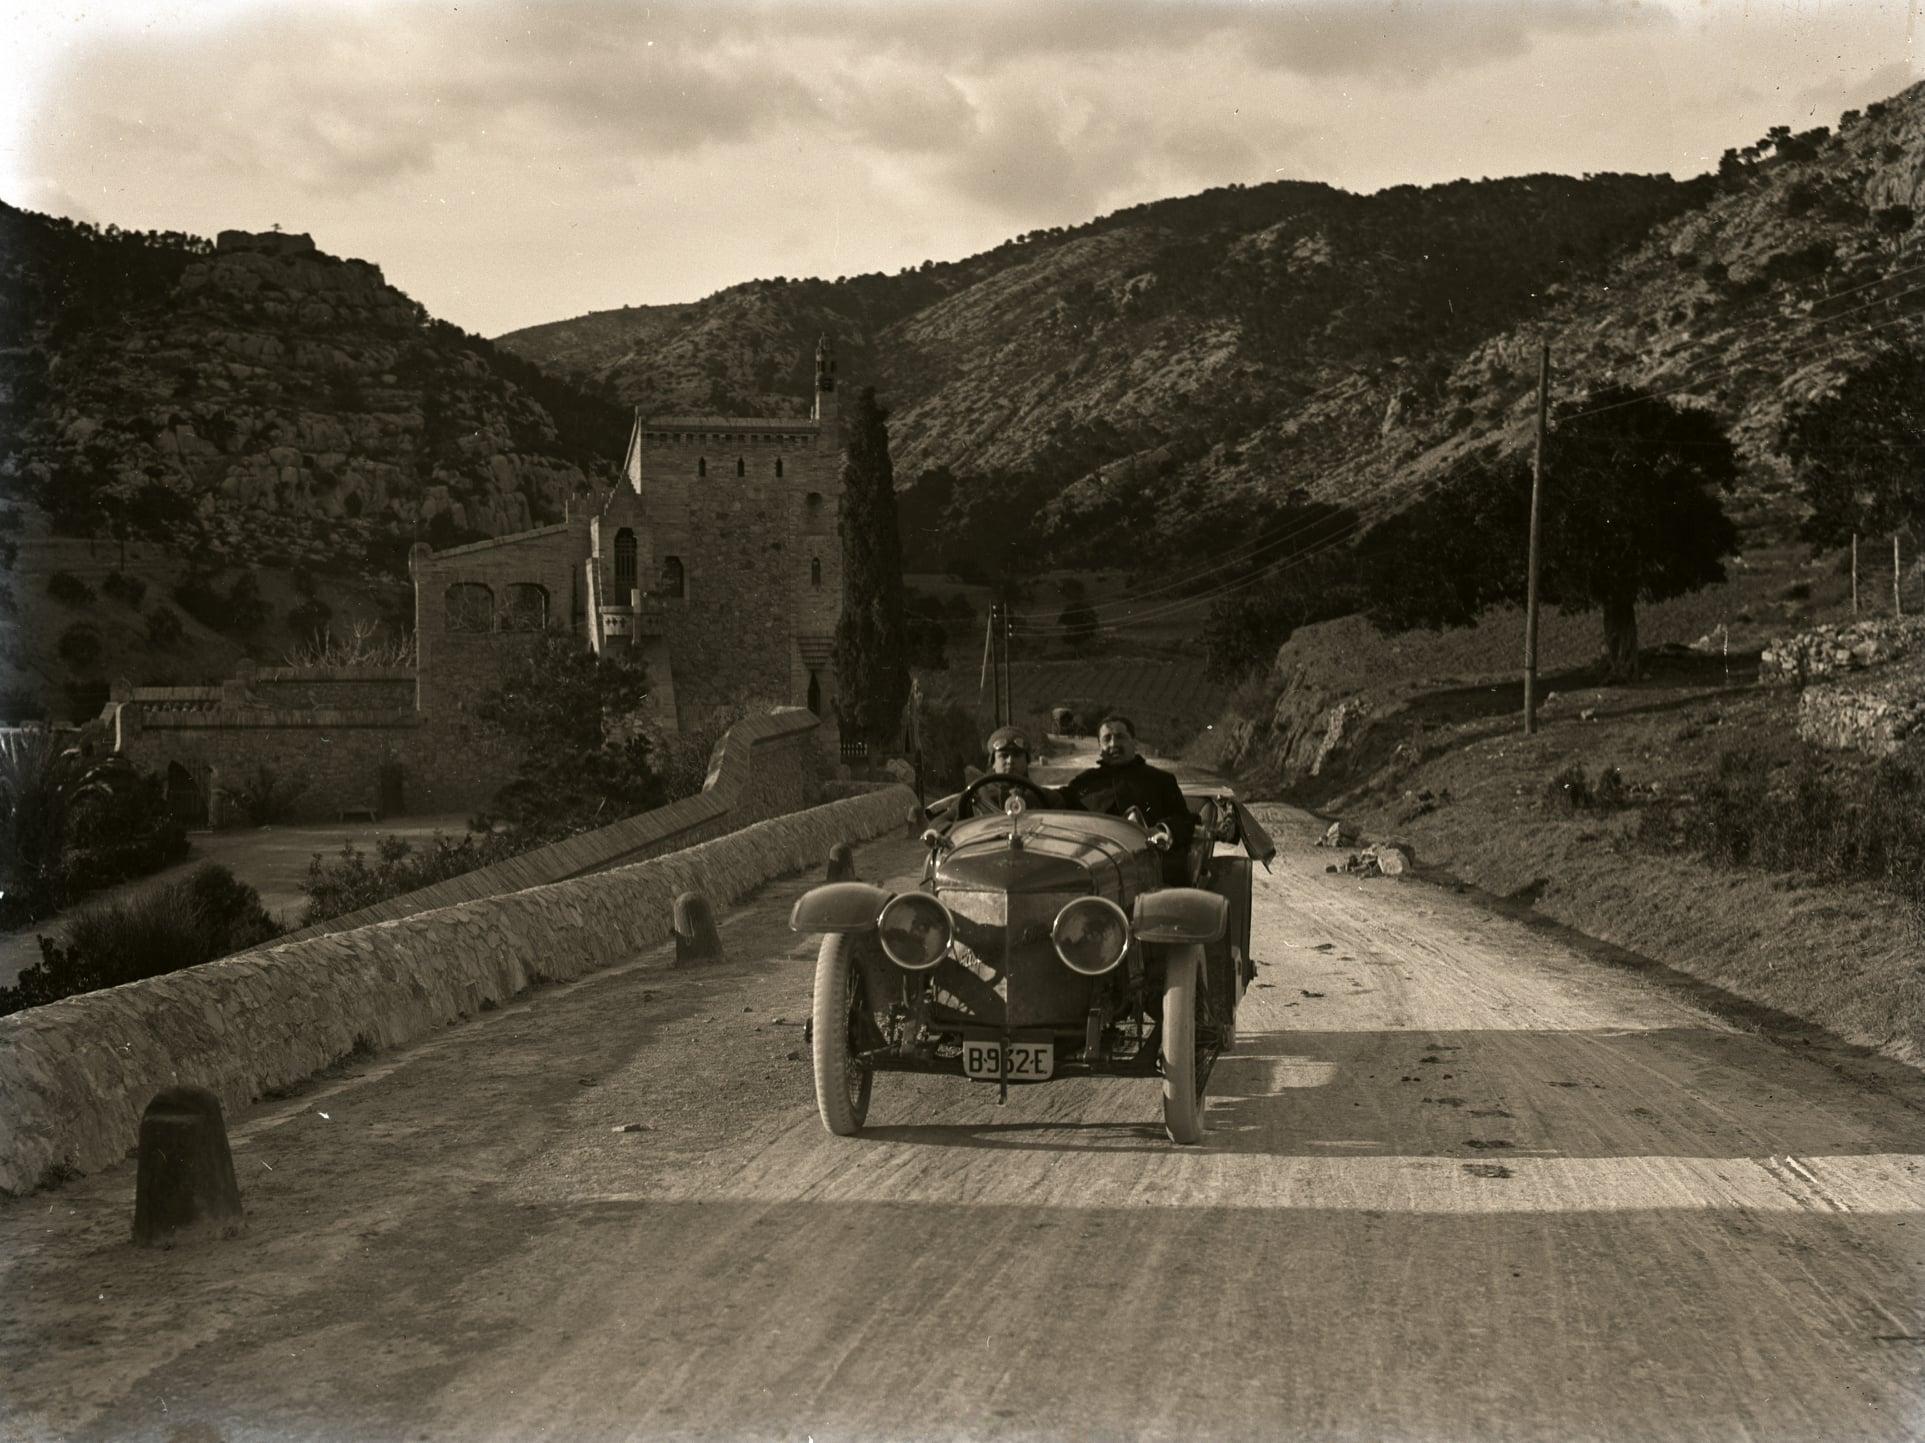 Hispano-Suiza-----Alphonso-XIII-was-eigendom-van-een-Dr-Carulla-in-Barcelona-en-ze-waren-duidelijk-zeer-toegewijd-aan-fotografie-naast-hun-sportieve-motorcar---1912-(2)